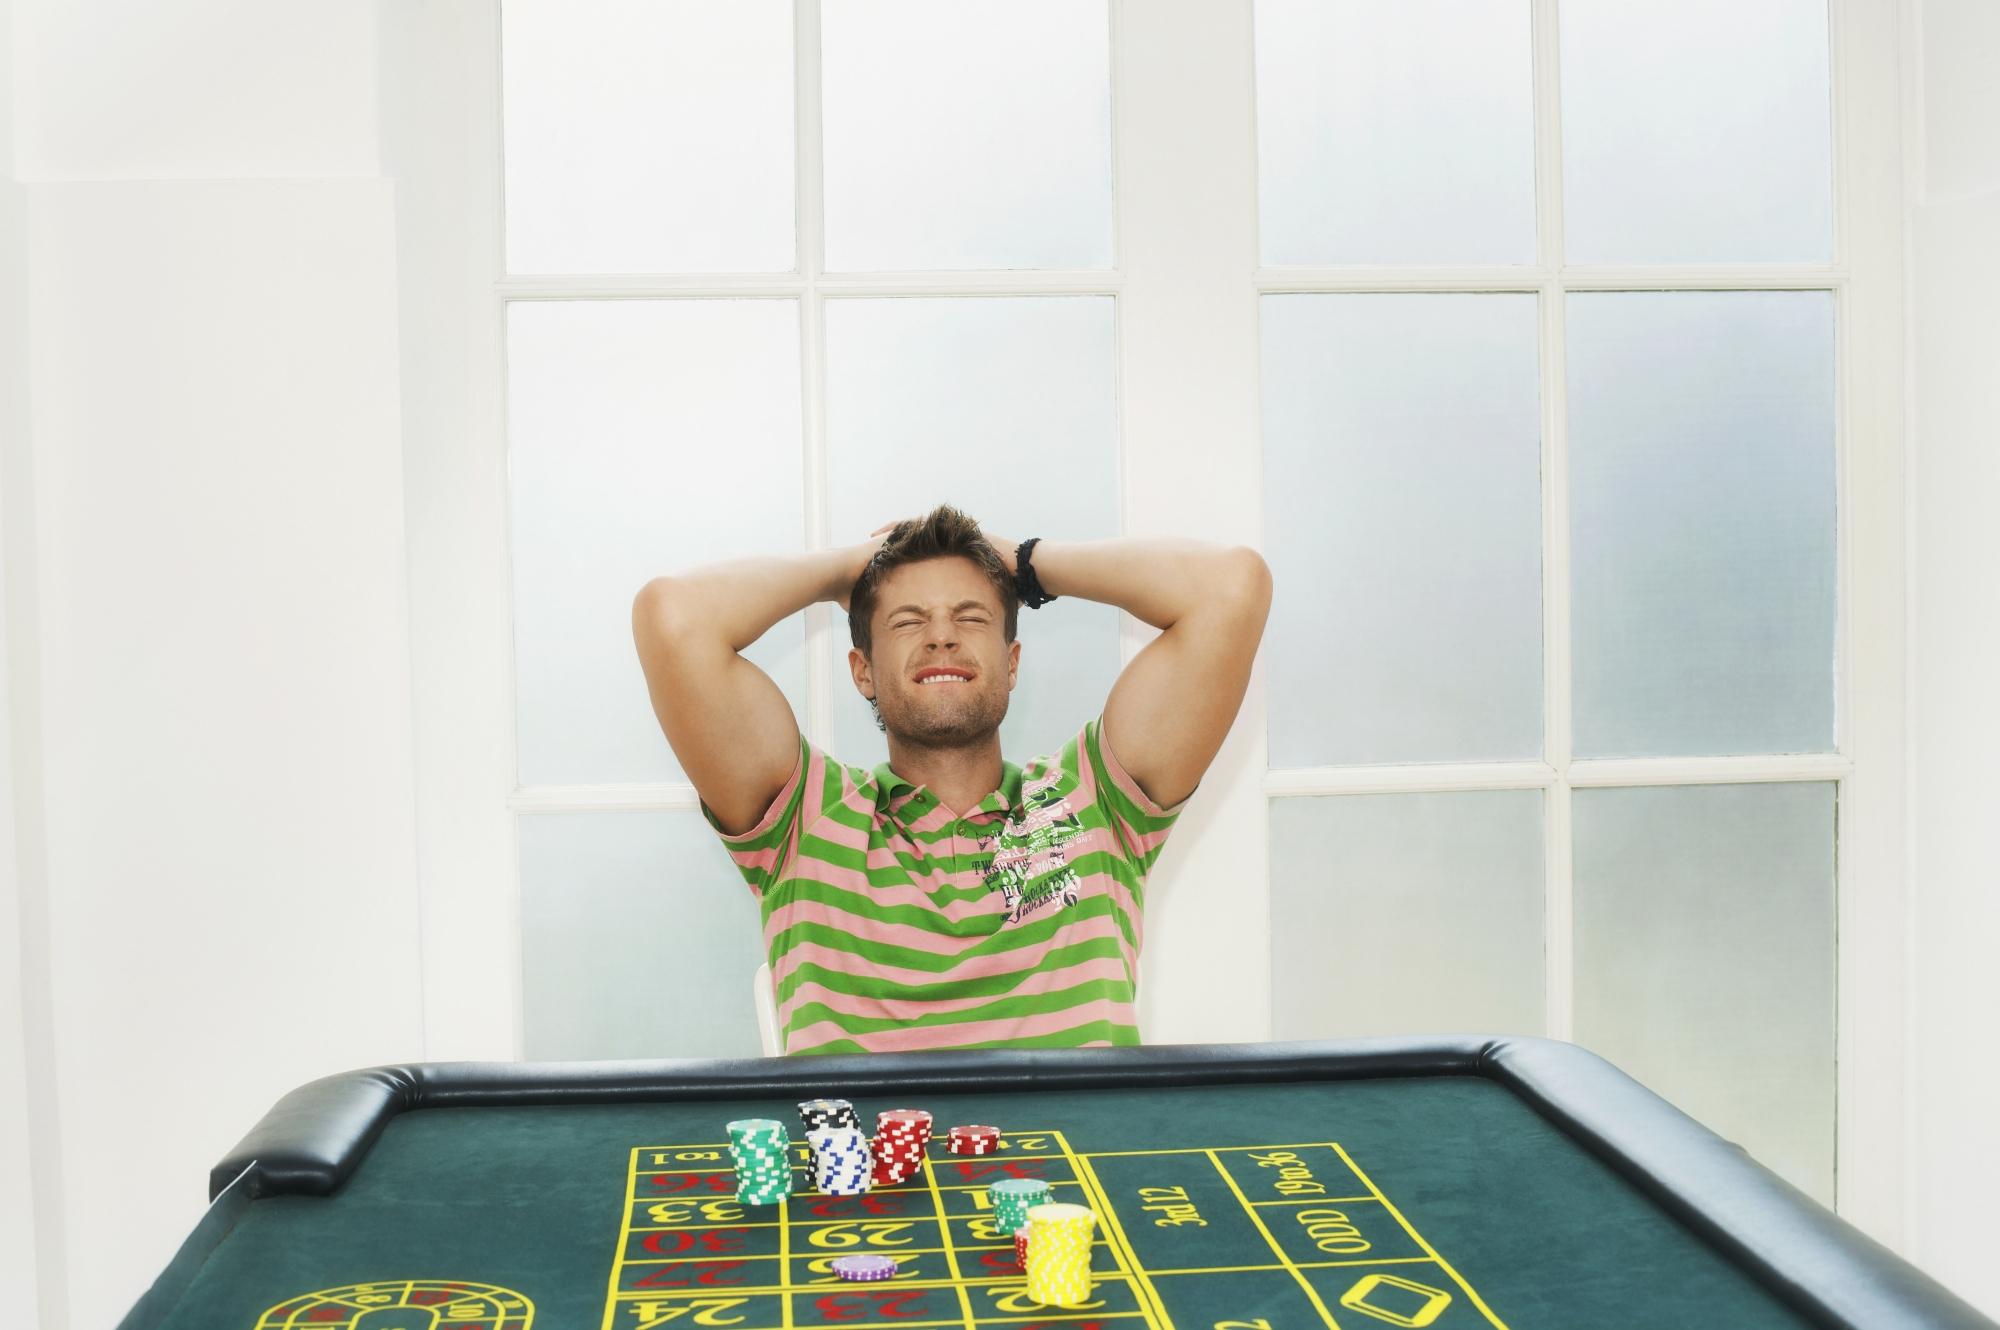 Mand spiller roulette